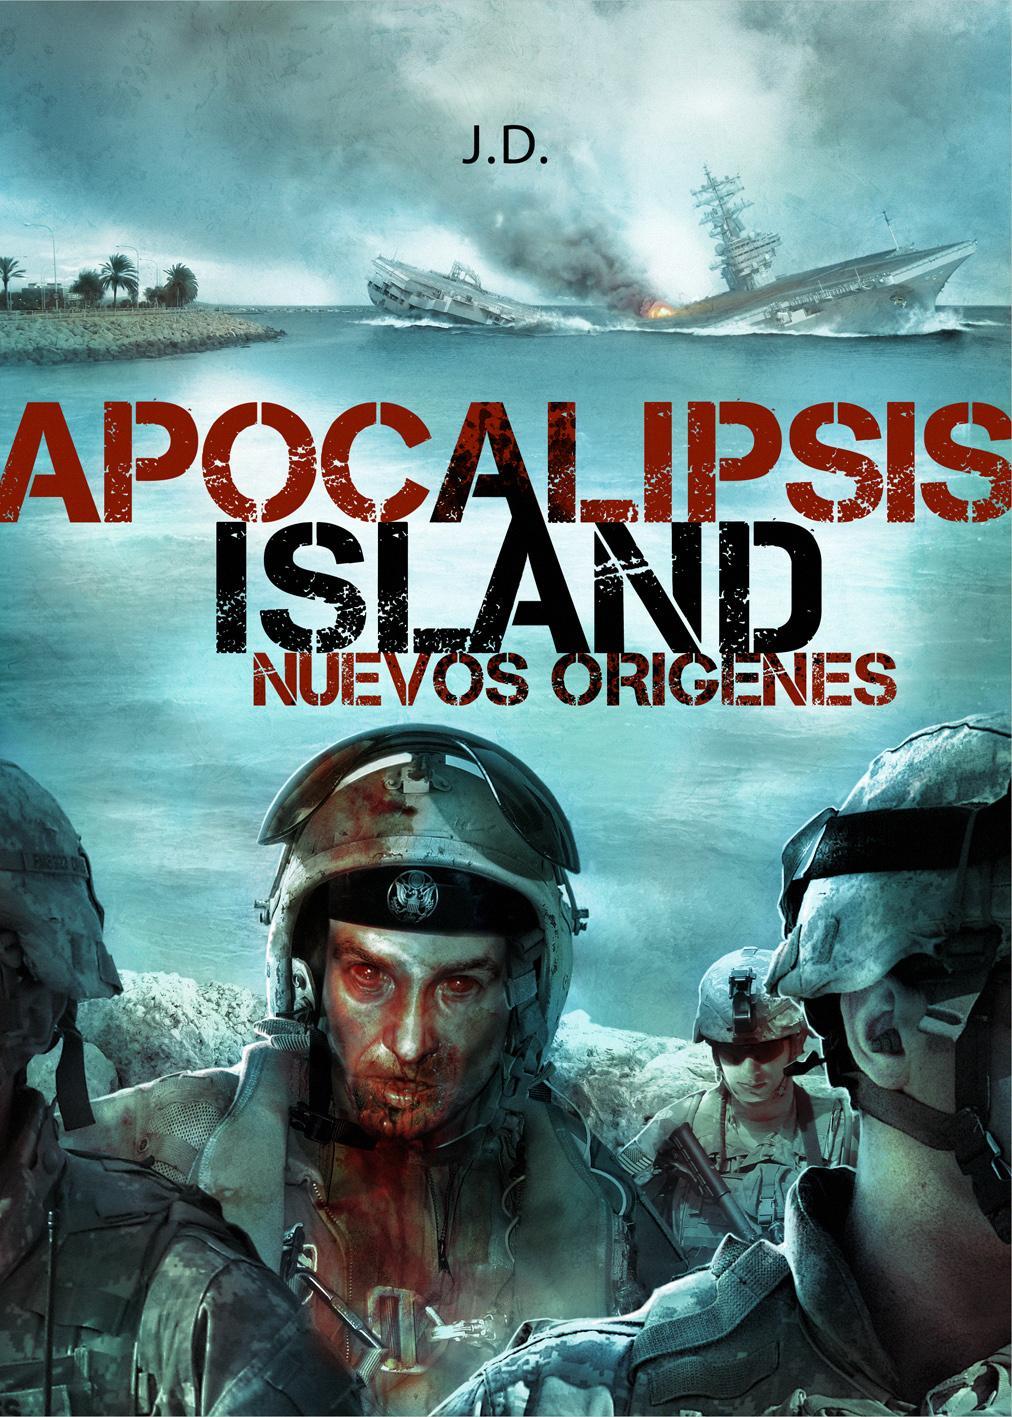 Apocalipsis Island: Nuevos orígenes